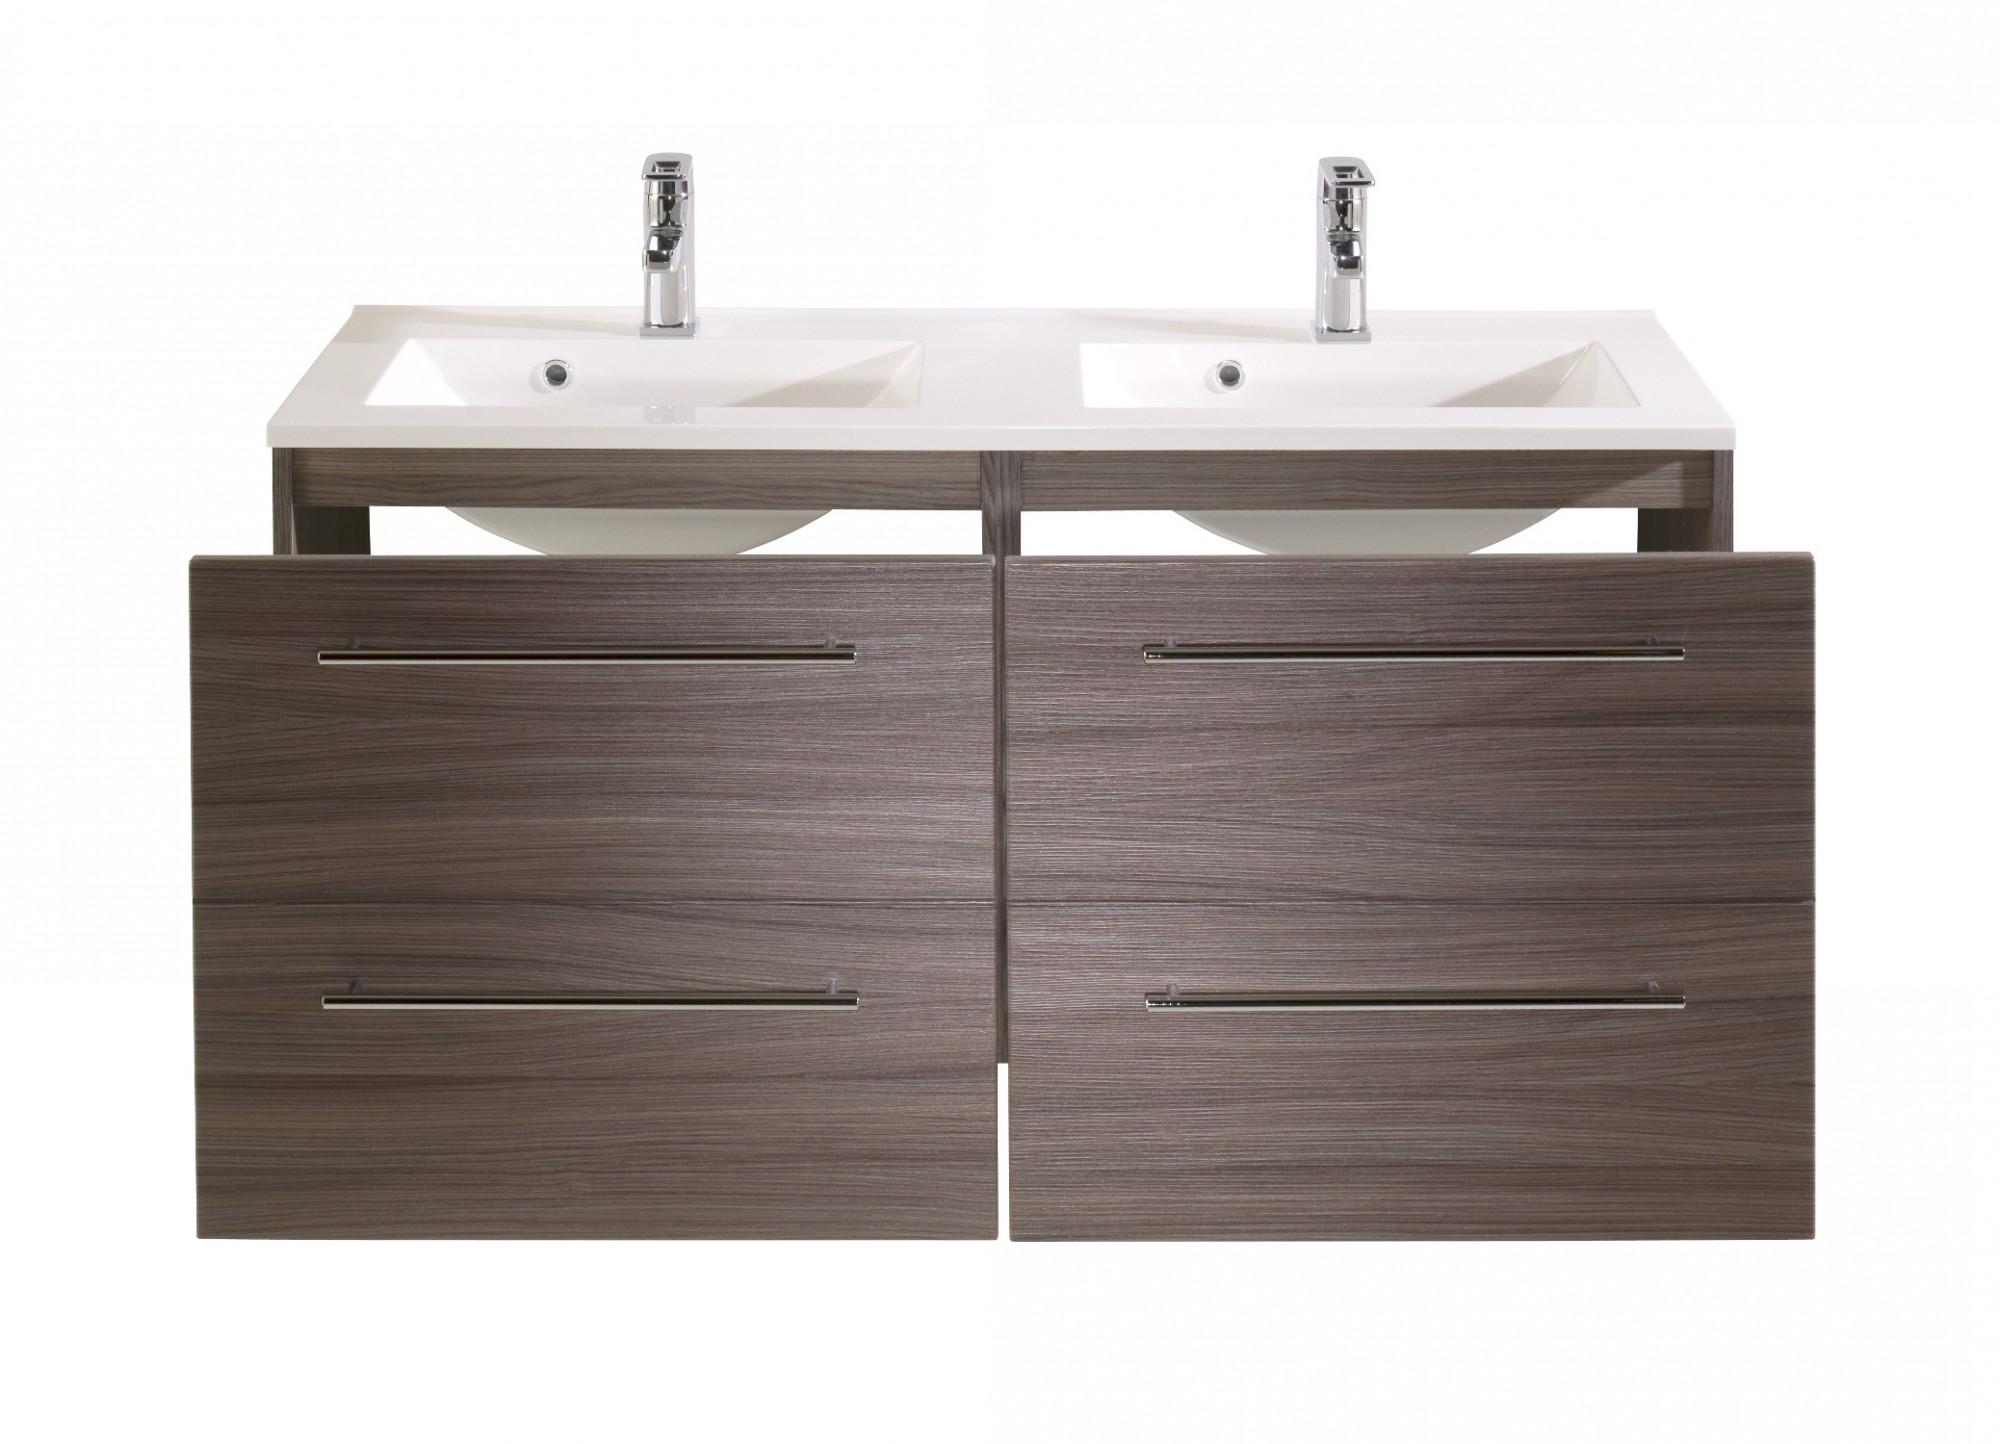 neu badezimmer waschtisch mit doppel becken mailand waschplatz 120cm eichedunke ebay. Black Bedroom Furniture Sets. Home Design Ideas